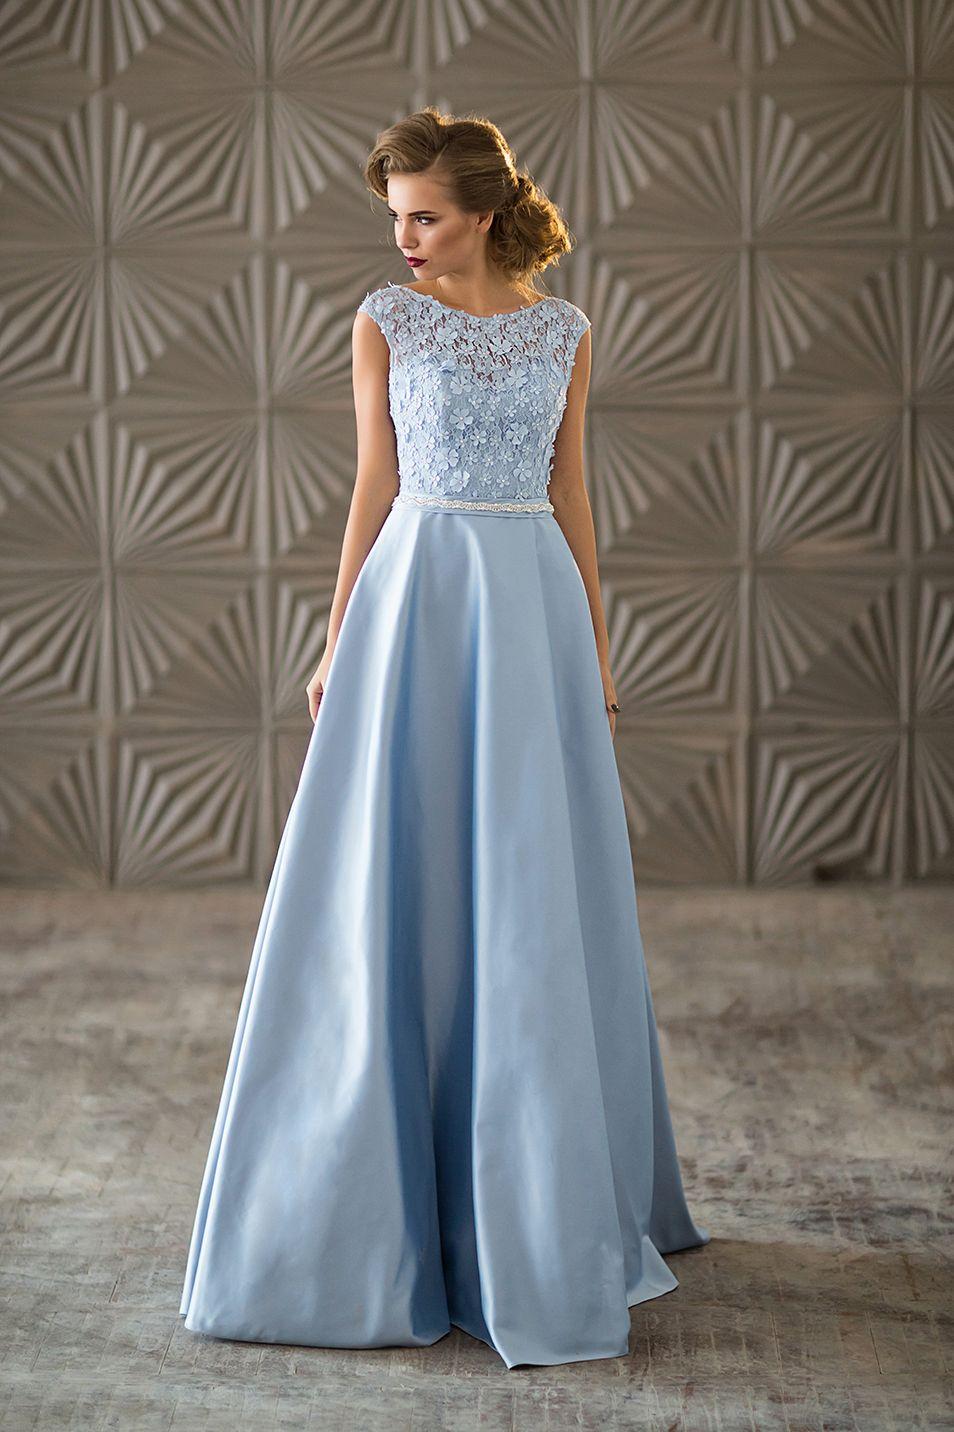 afa51aa5eef Великолепное вечернее платье изготовлено из королевского атласа. Корсет  укреплен реглином (корсетная фурнитура).